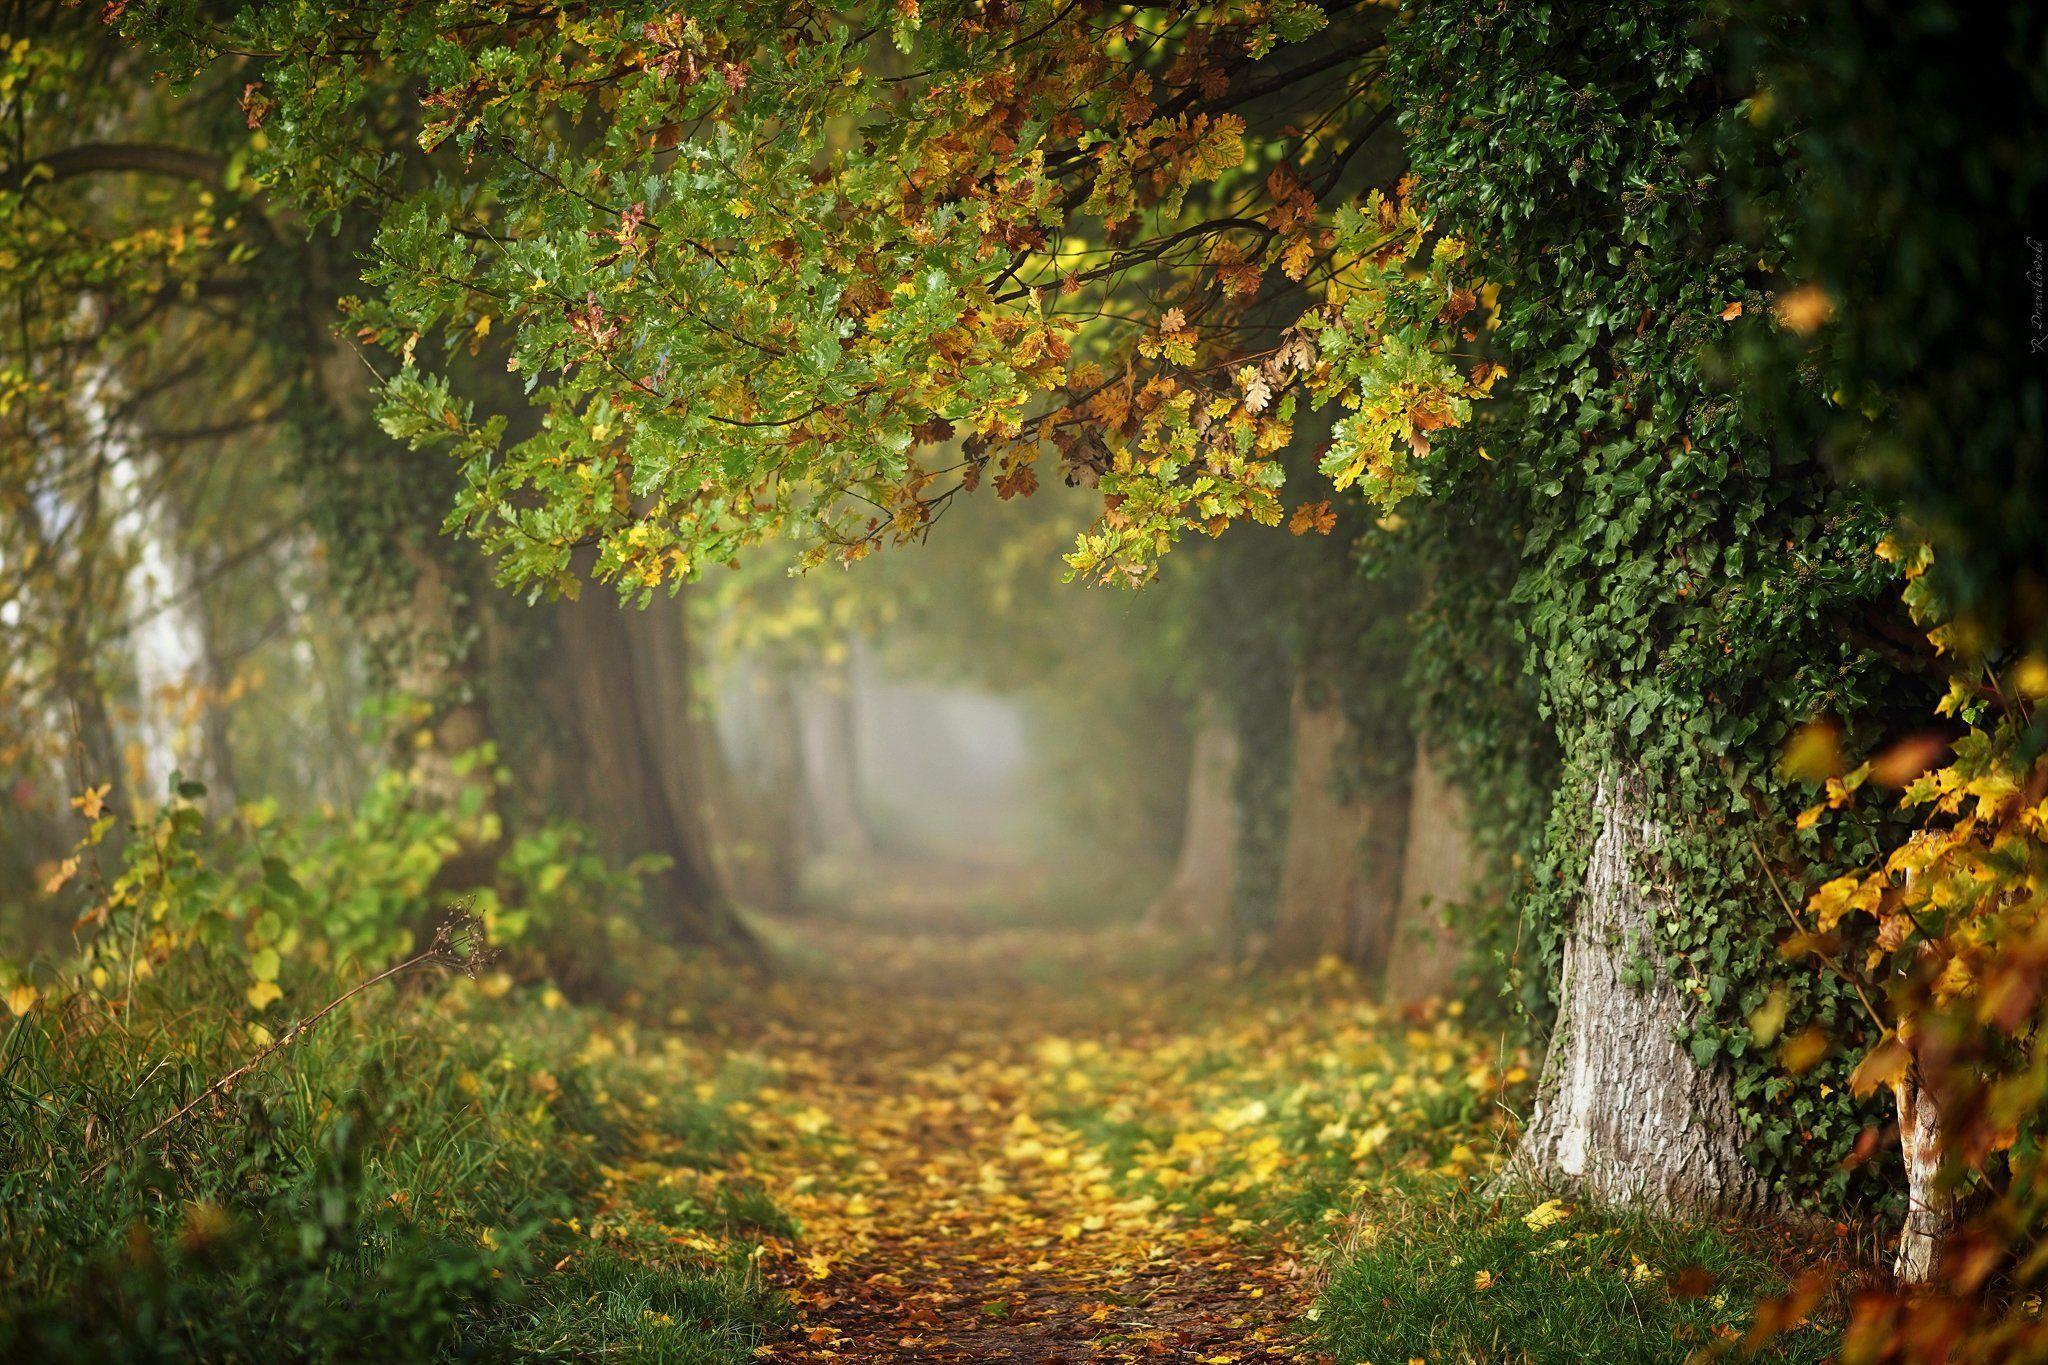 autumn magic path mist fall trees leafs grass foggy poland dranikowski jesien alley, Radoslaw Dranikowski